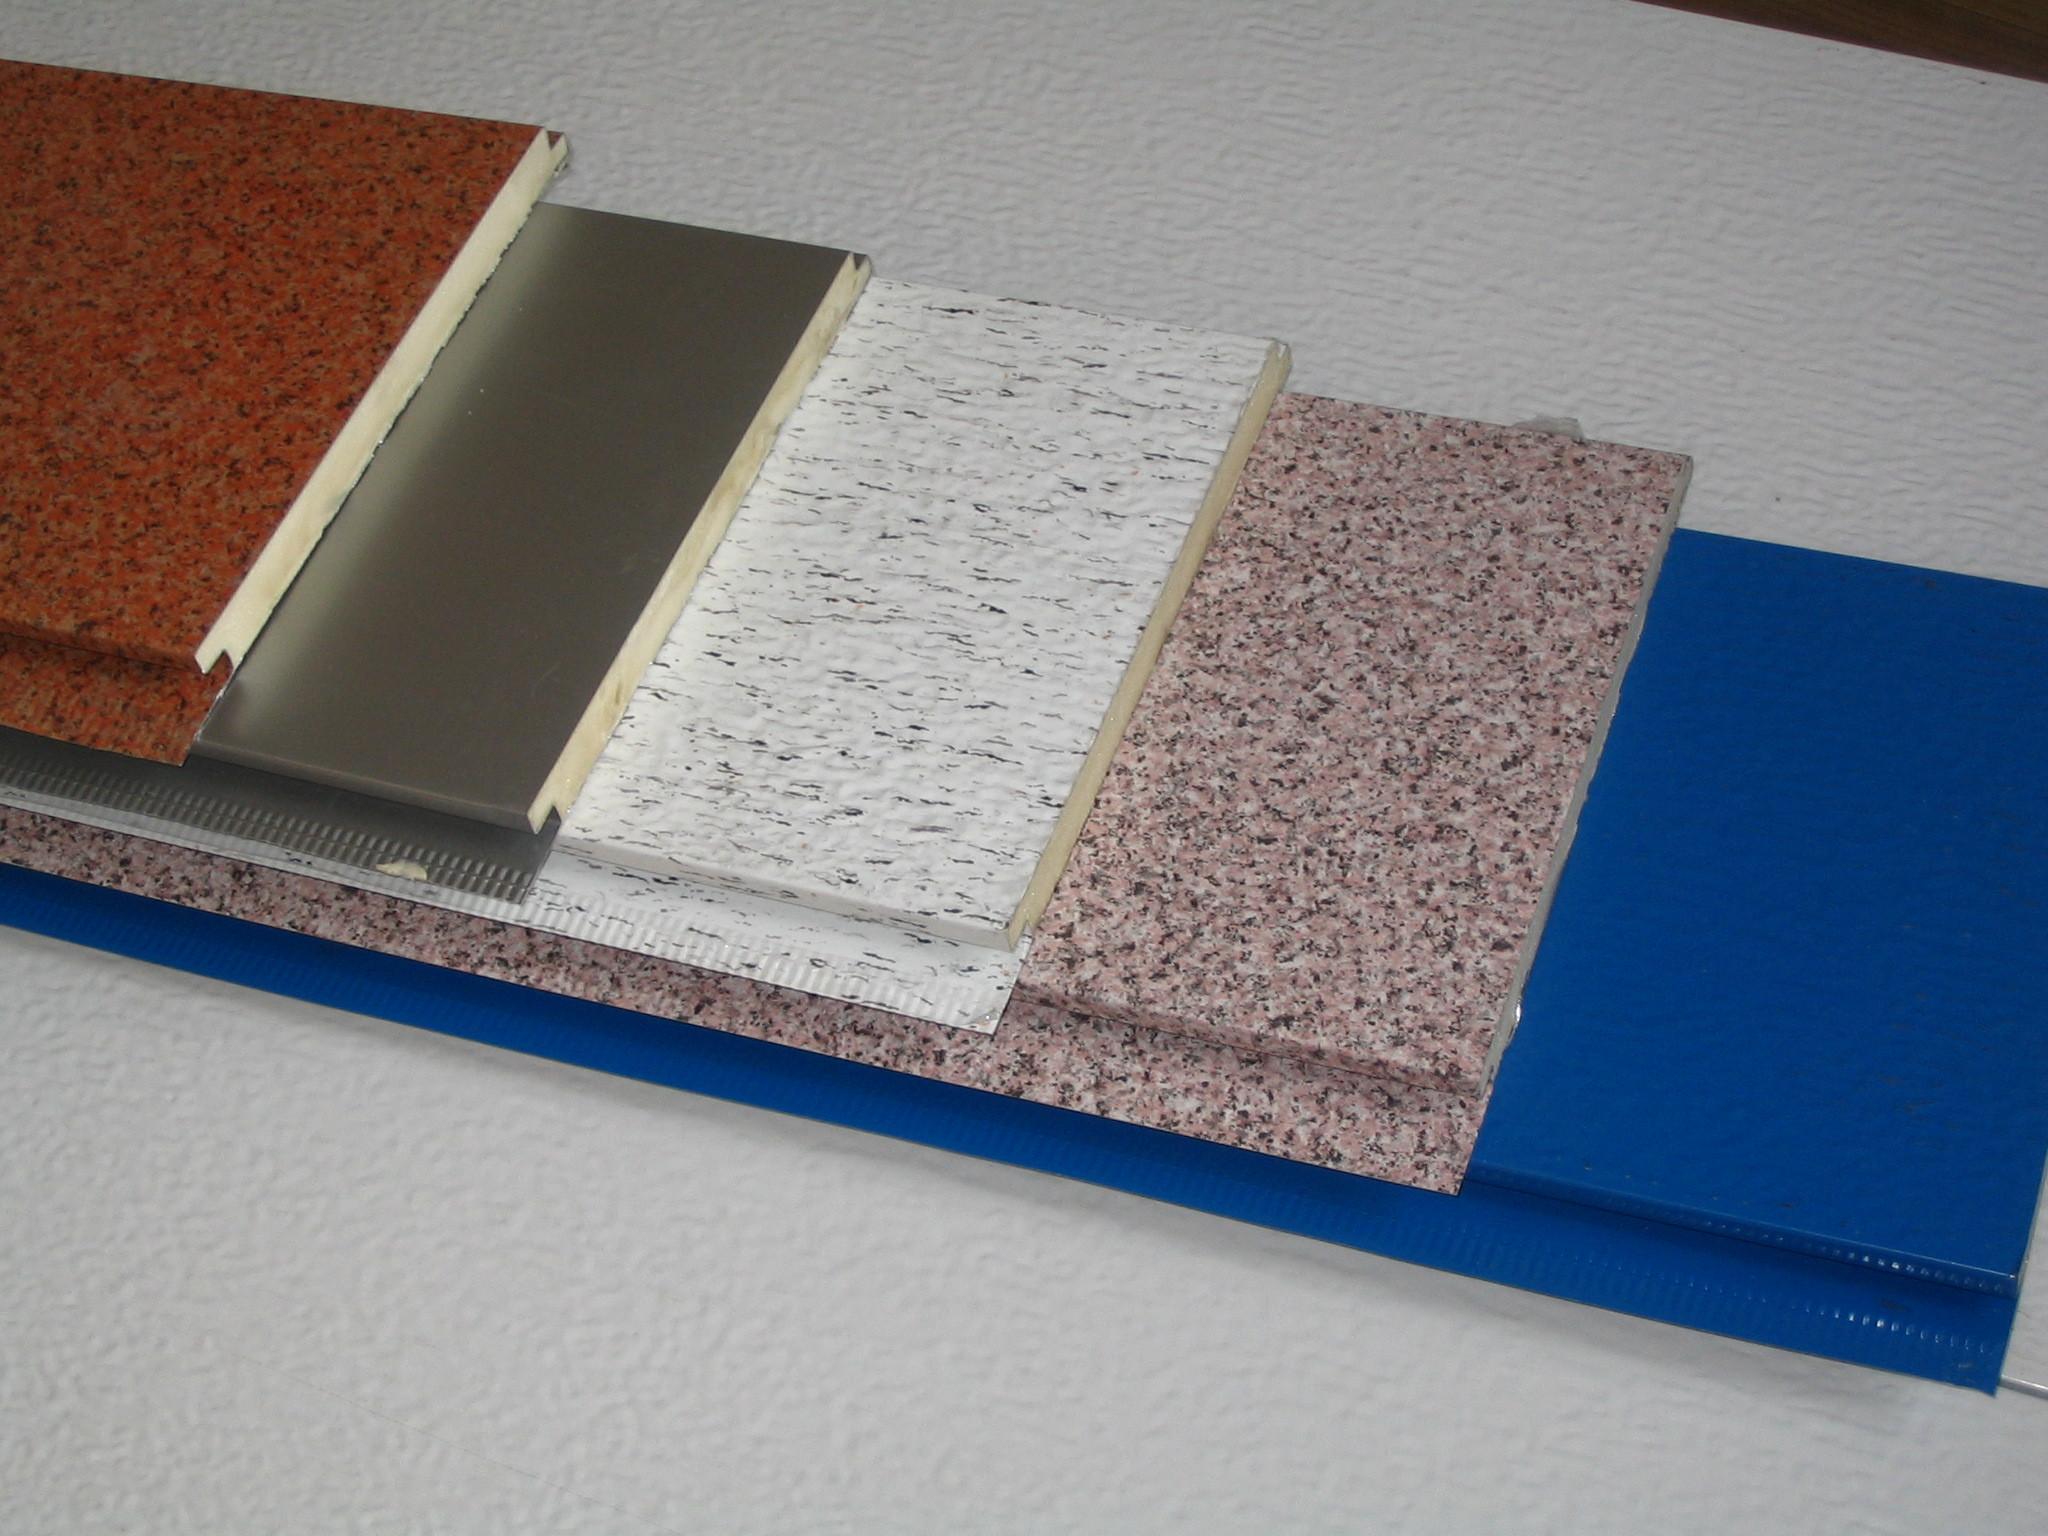 效果图,自建房外墙瓷砖效果图,扬州三把刀菜刀价格,外墙保温层